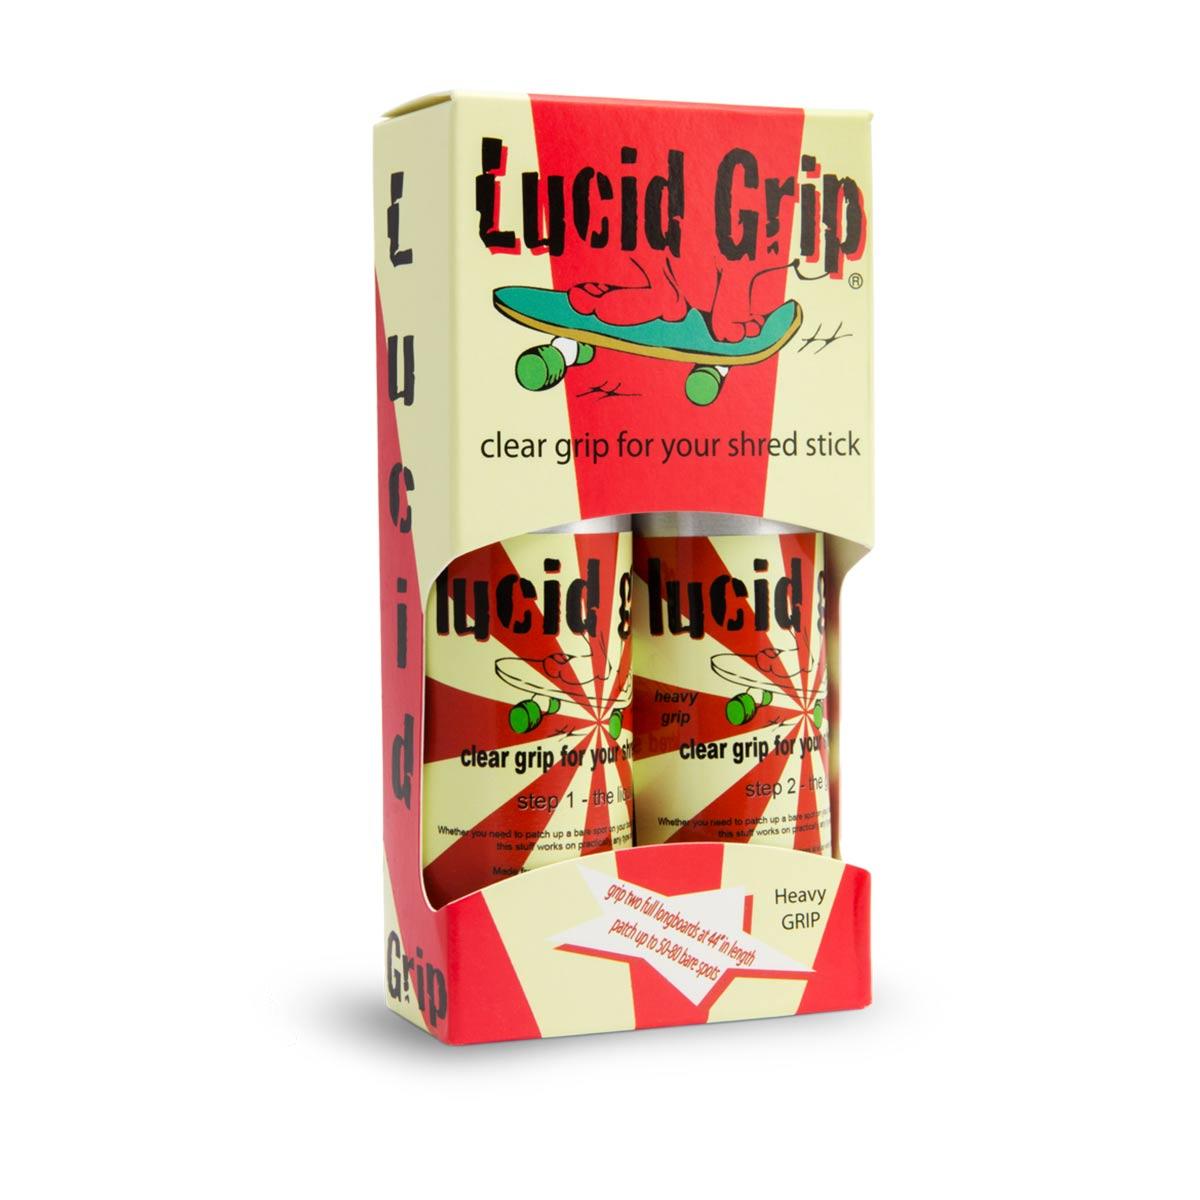 Lucid Spray-On Grip - heavy grip